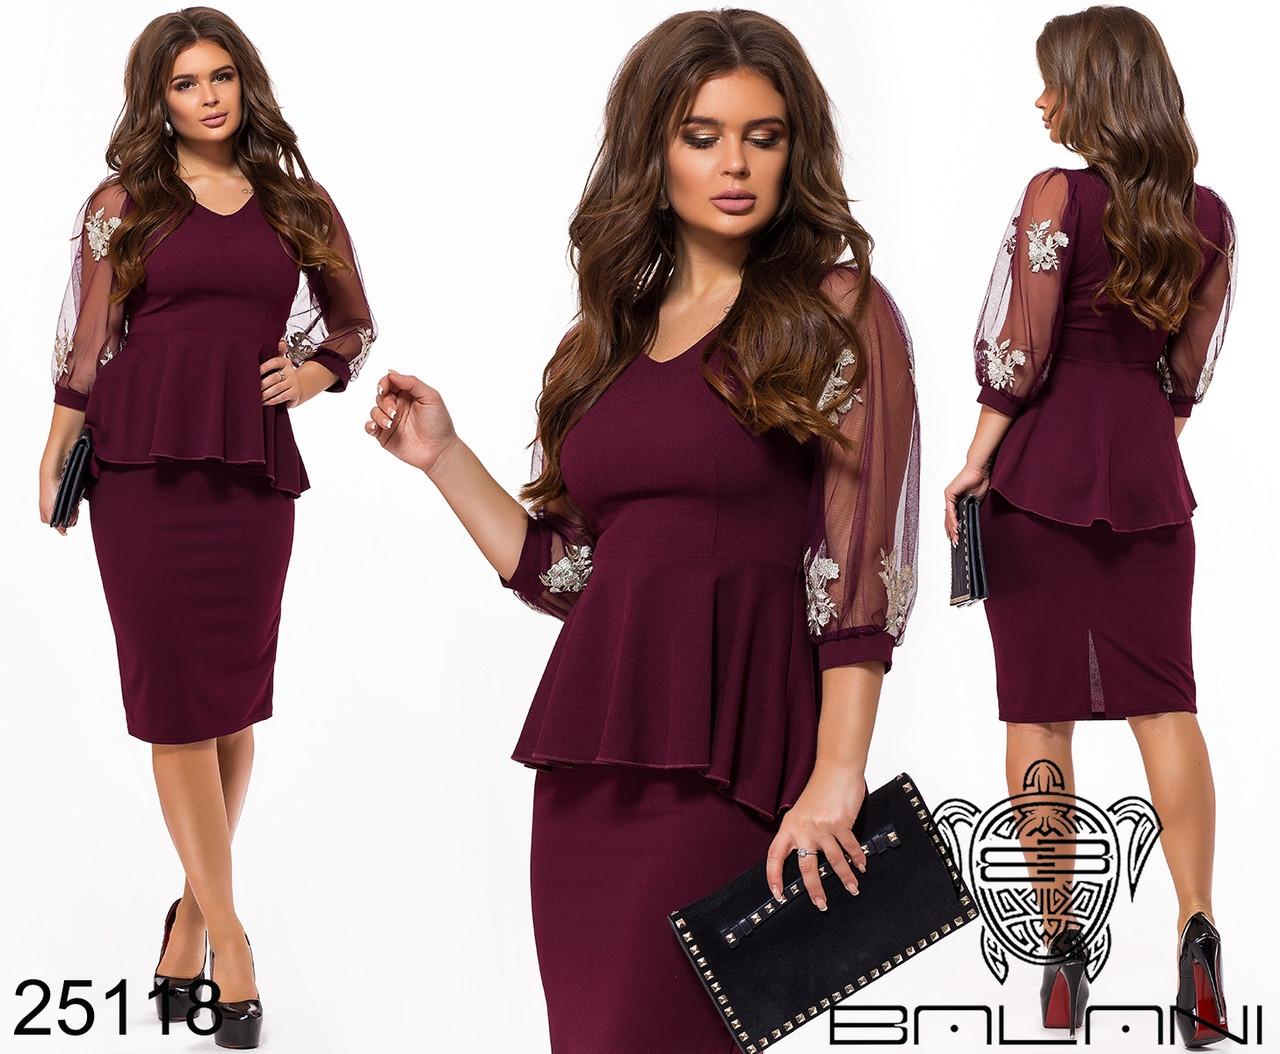 Красивый юбочный костюм нарядный юбка+блуза раз. 40-42,44-46